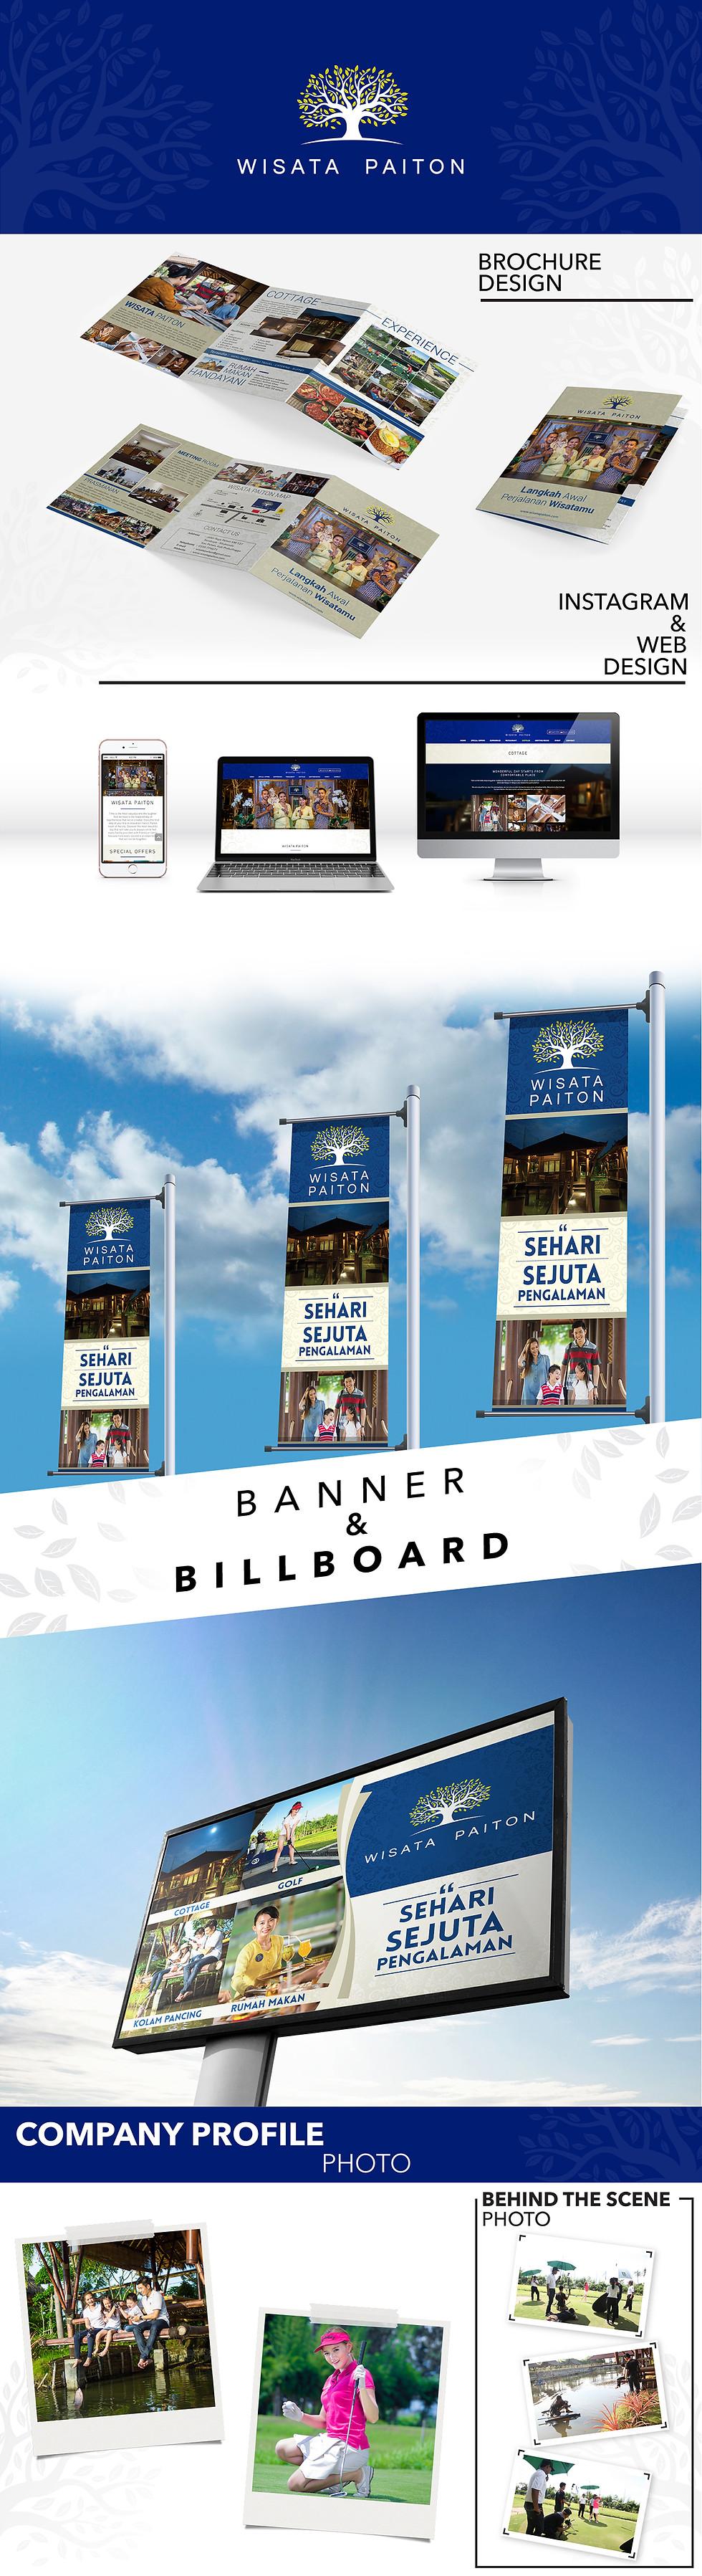 Jasa Pembuatan Desain Grafis, Branding Surabaya